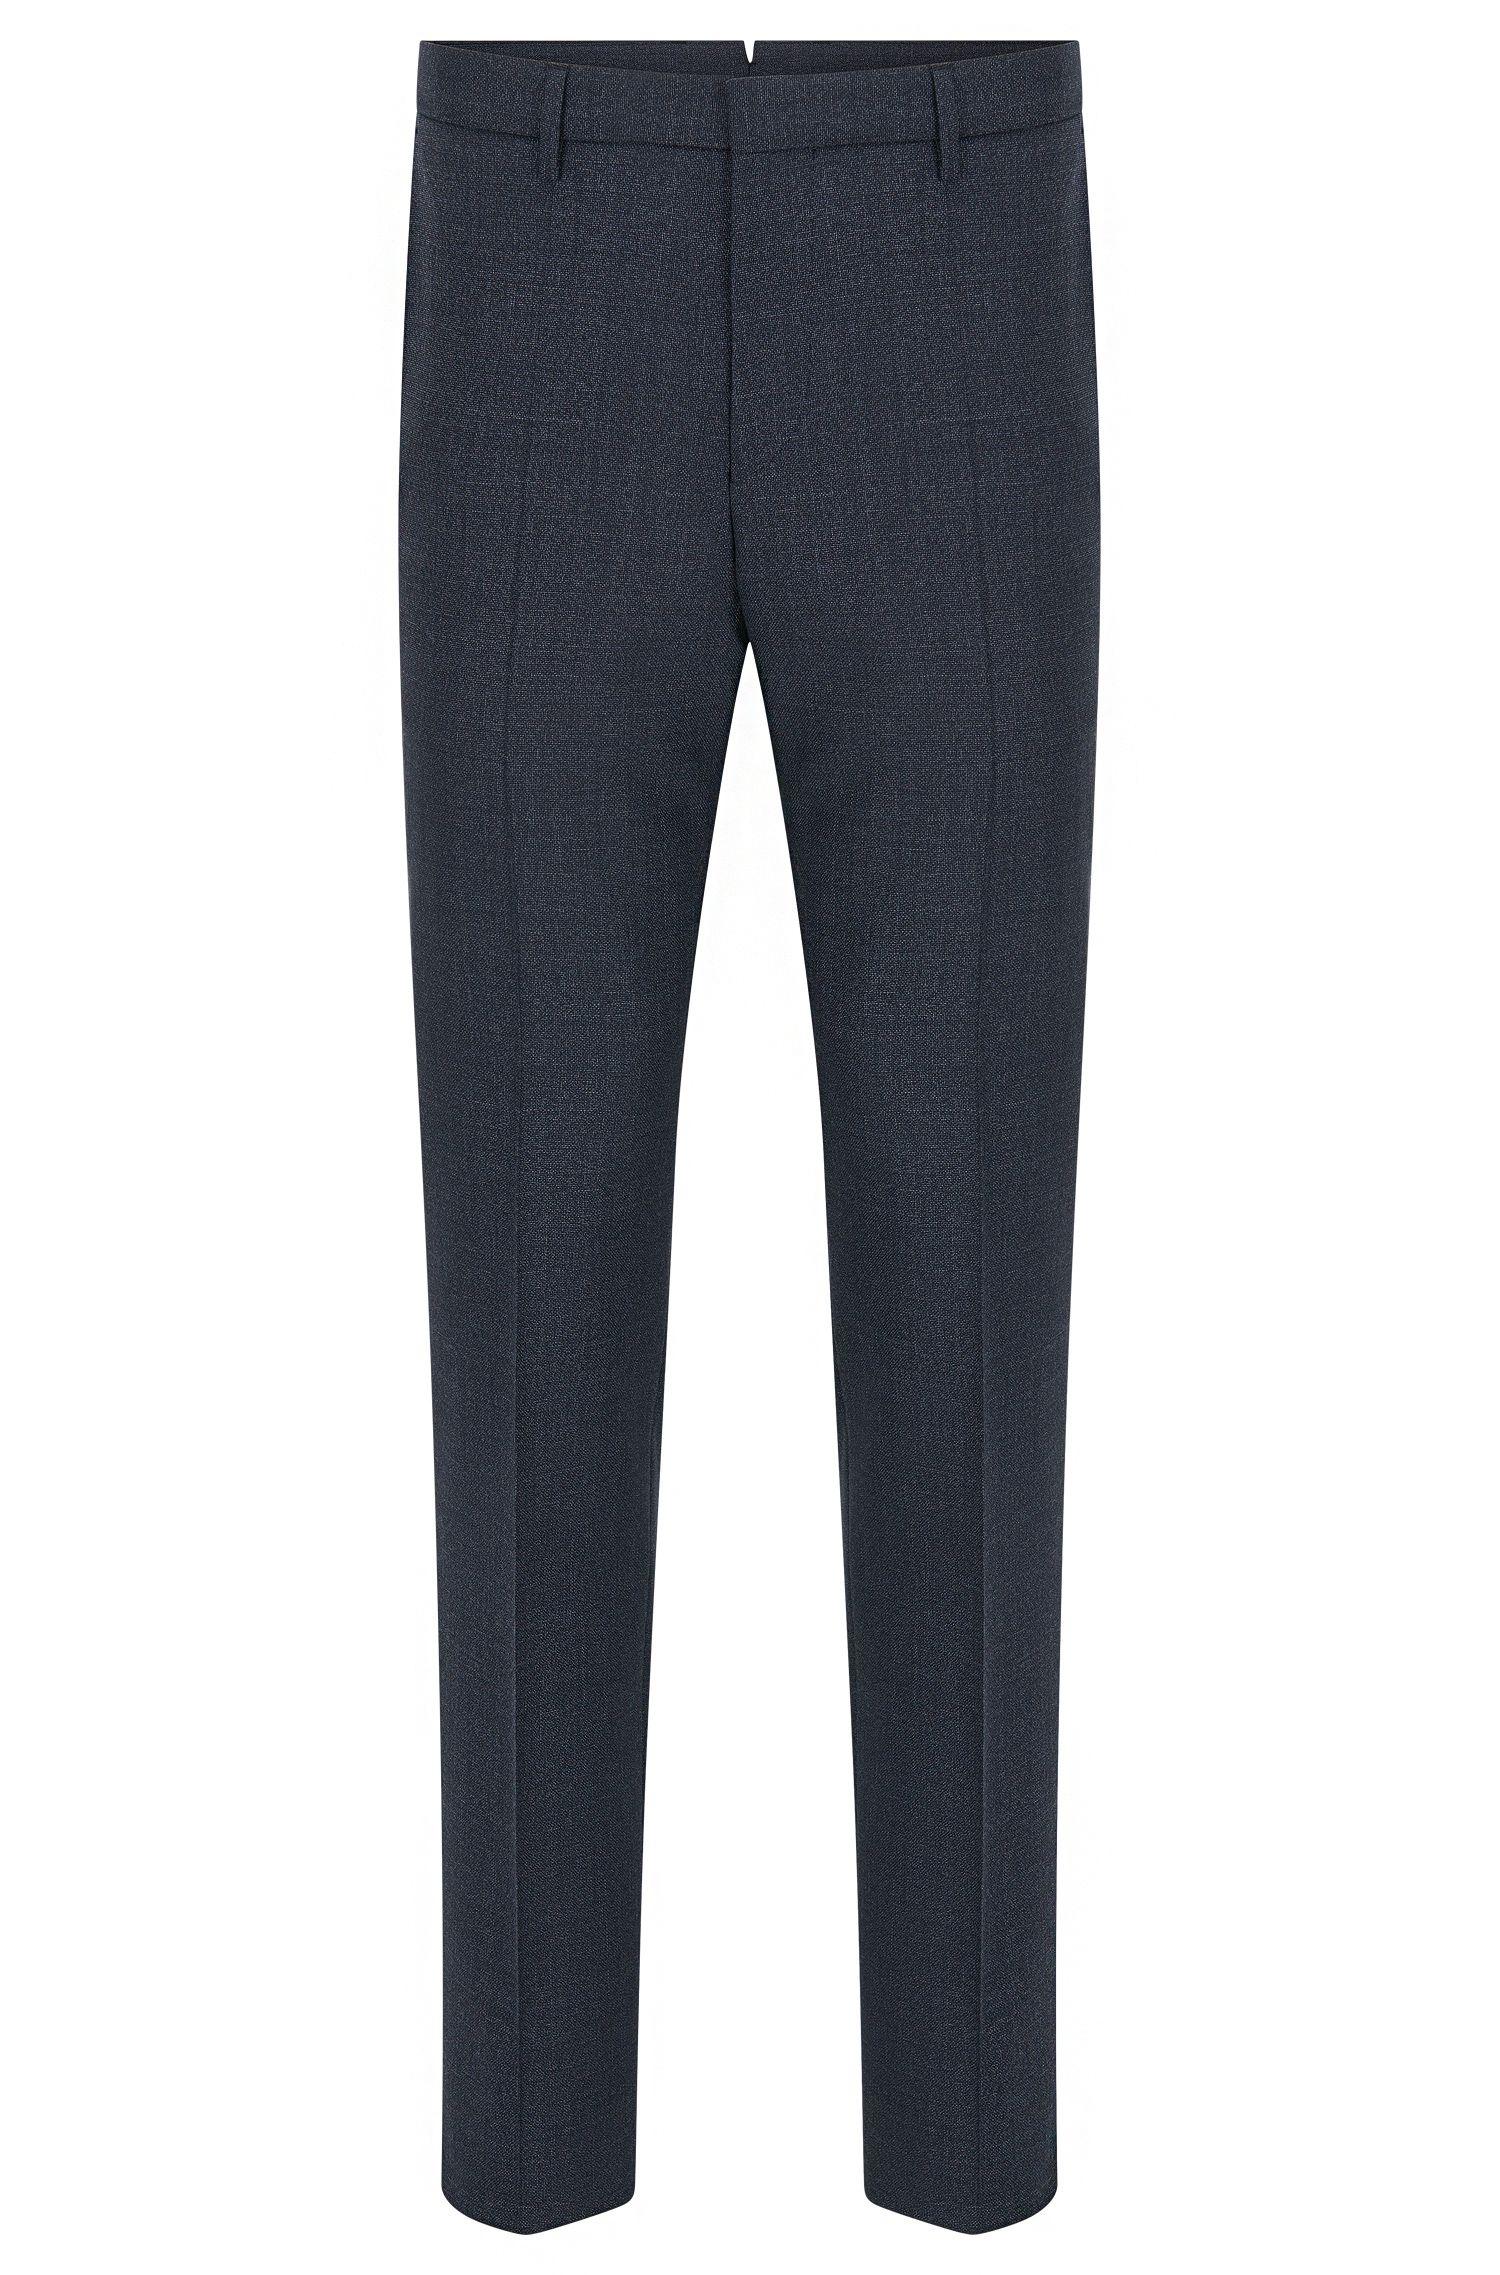 'T-Bloom' | Slim Fit, Virgin Wool Dress Pants